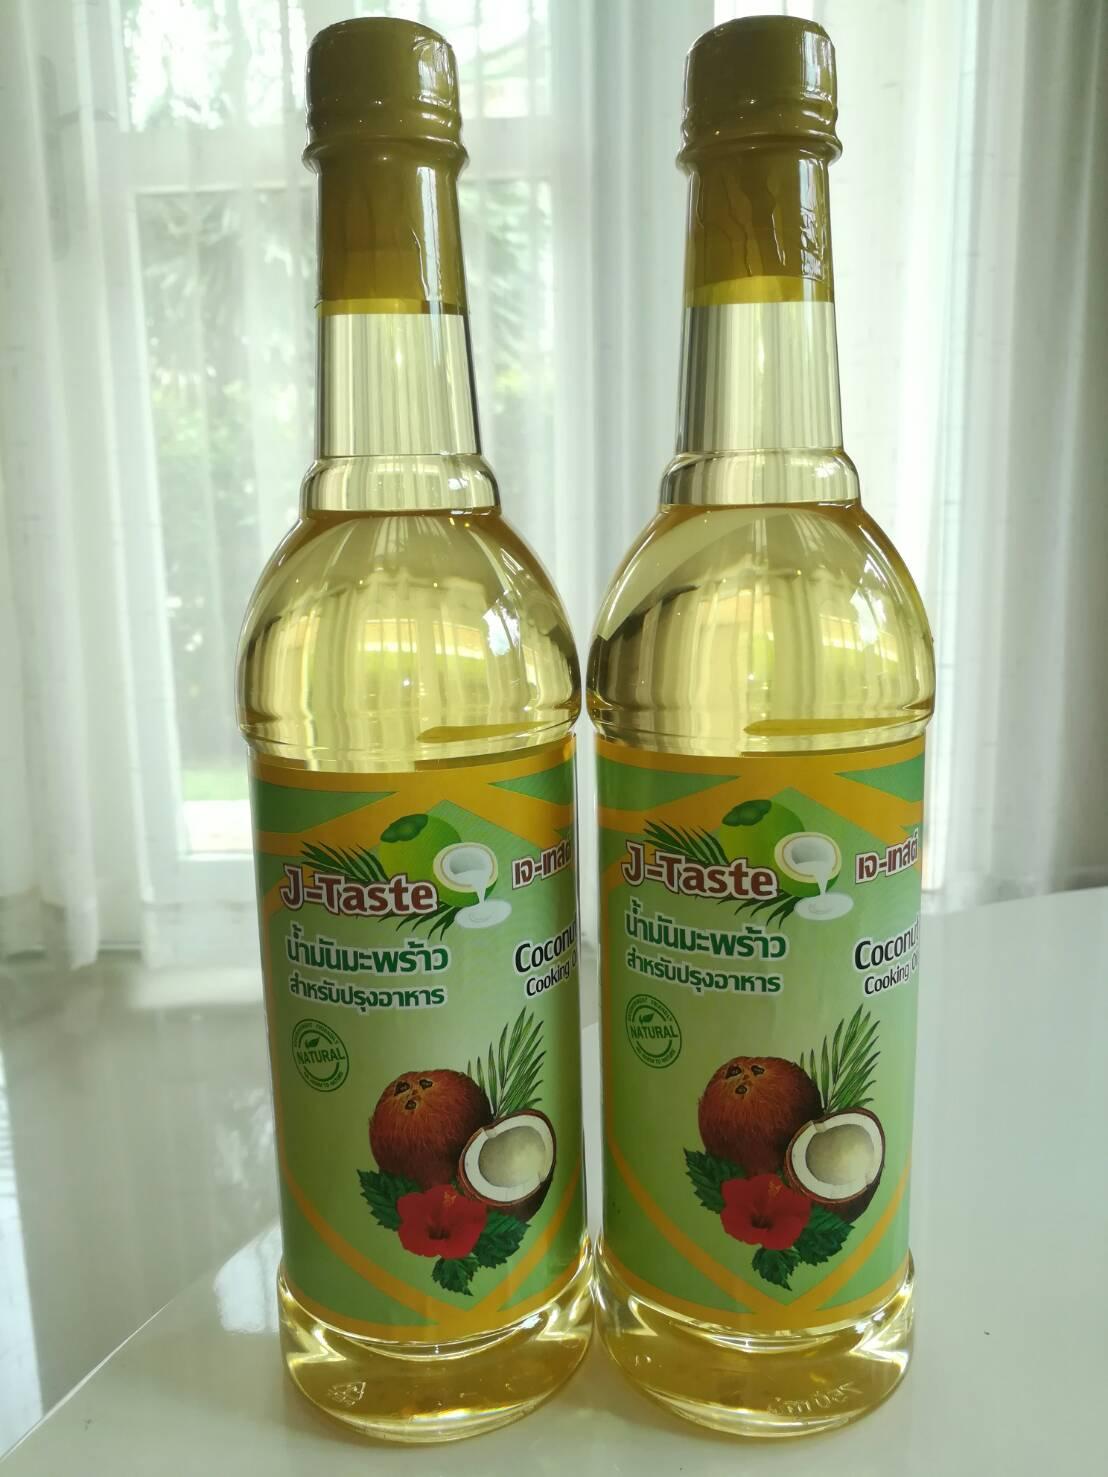 น้ำมันมะพร้าวบริสุทธิ์ สำหรับปรุงอาหาร ธรรมชาติ 100% เจ-เทสต์ ขนาด 750 มล. 2ขวด(แพคคู่)